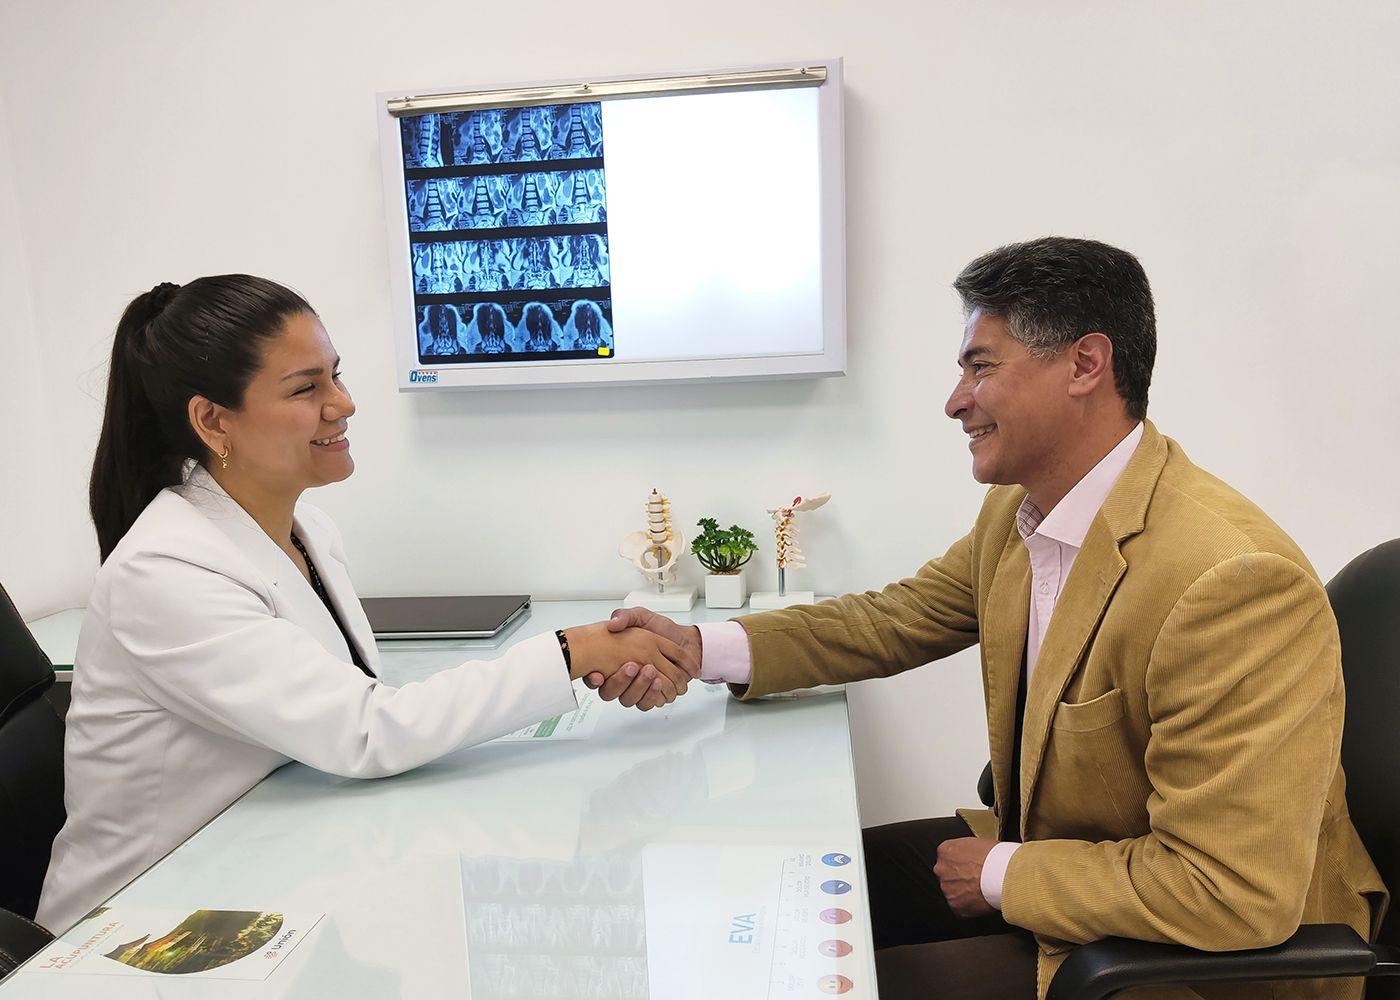 medica especialista en artrosis y paciente contento